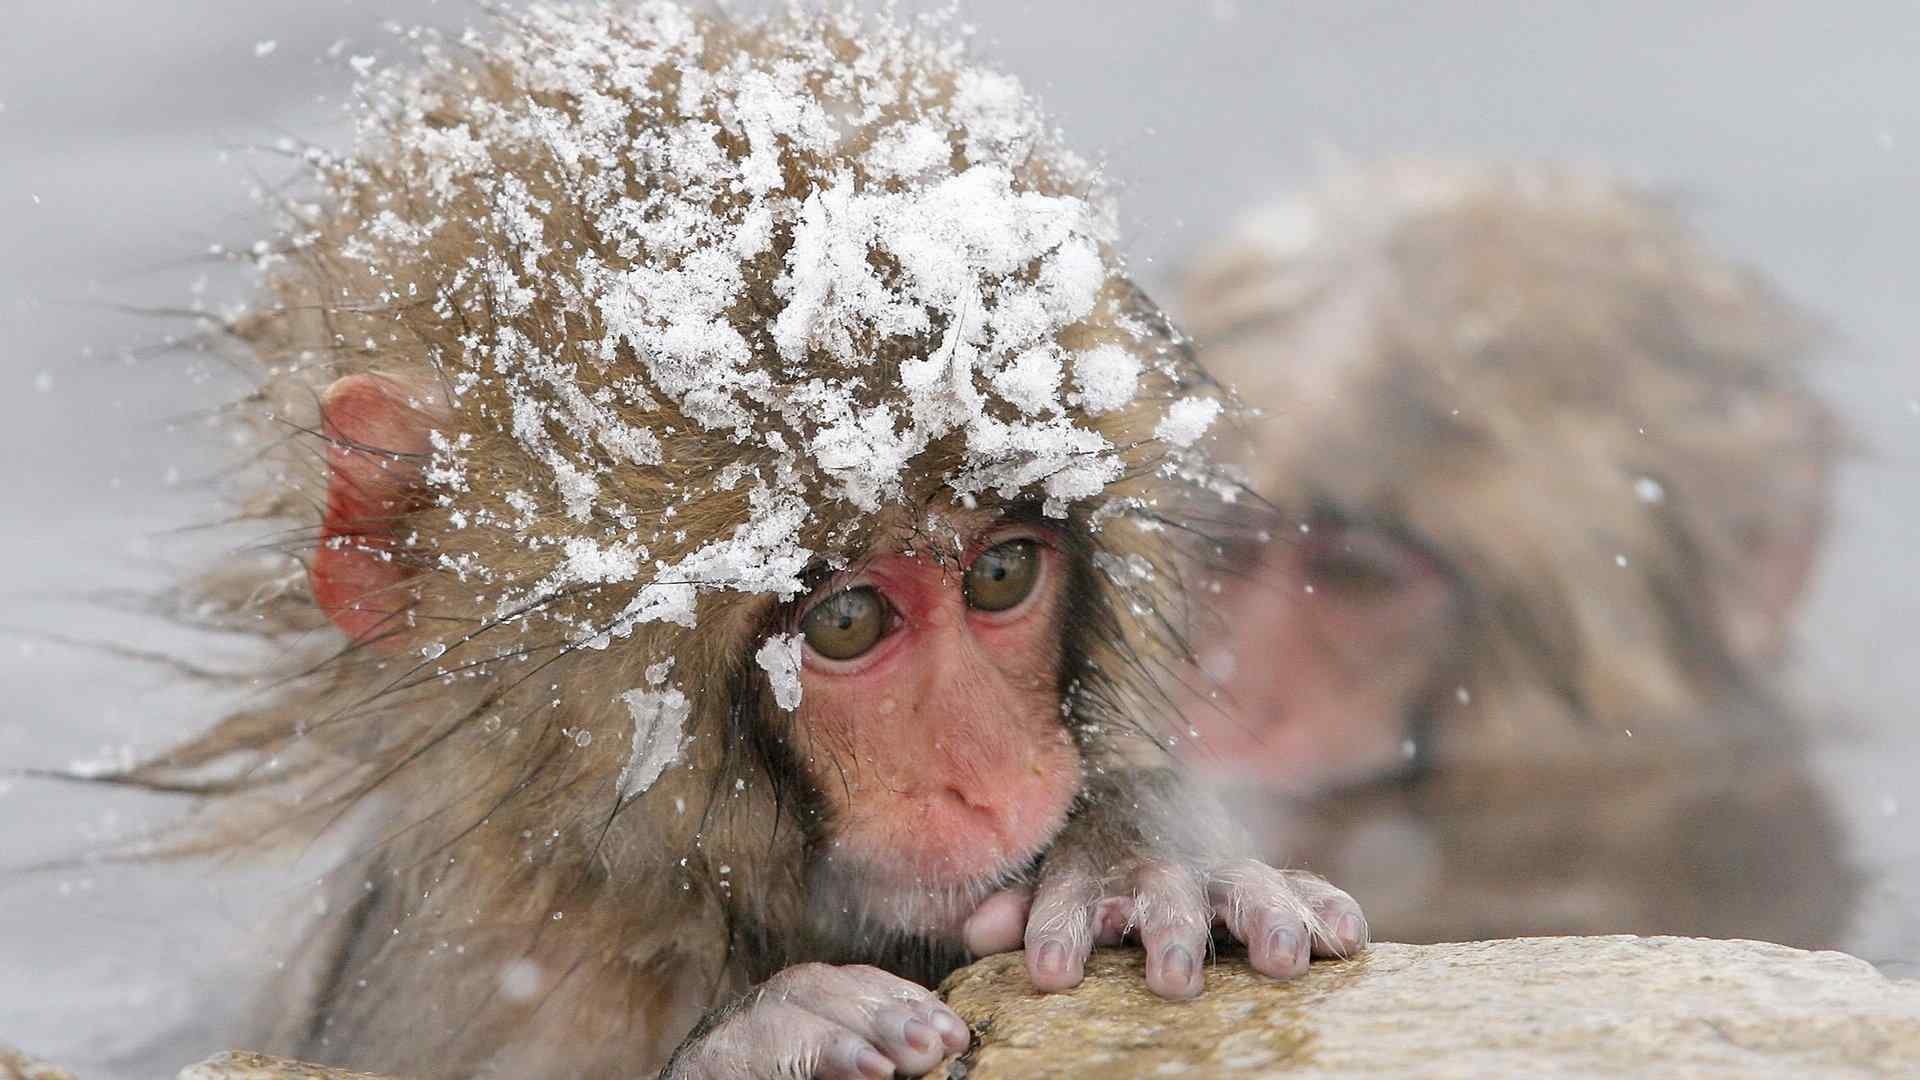 呆萌可爱的小猴子摄影图片高清壁纸